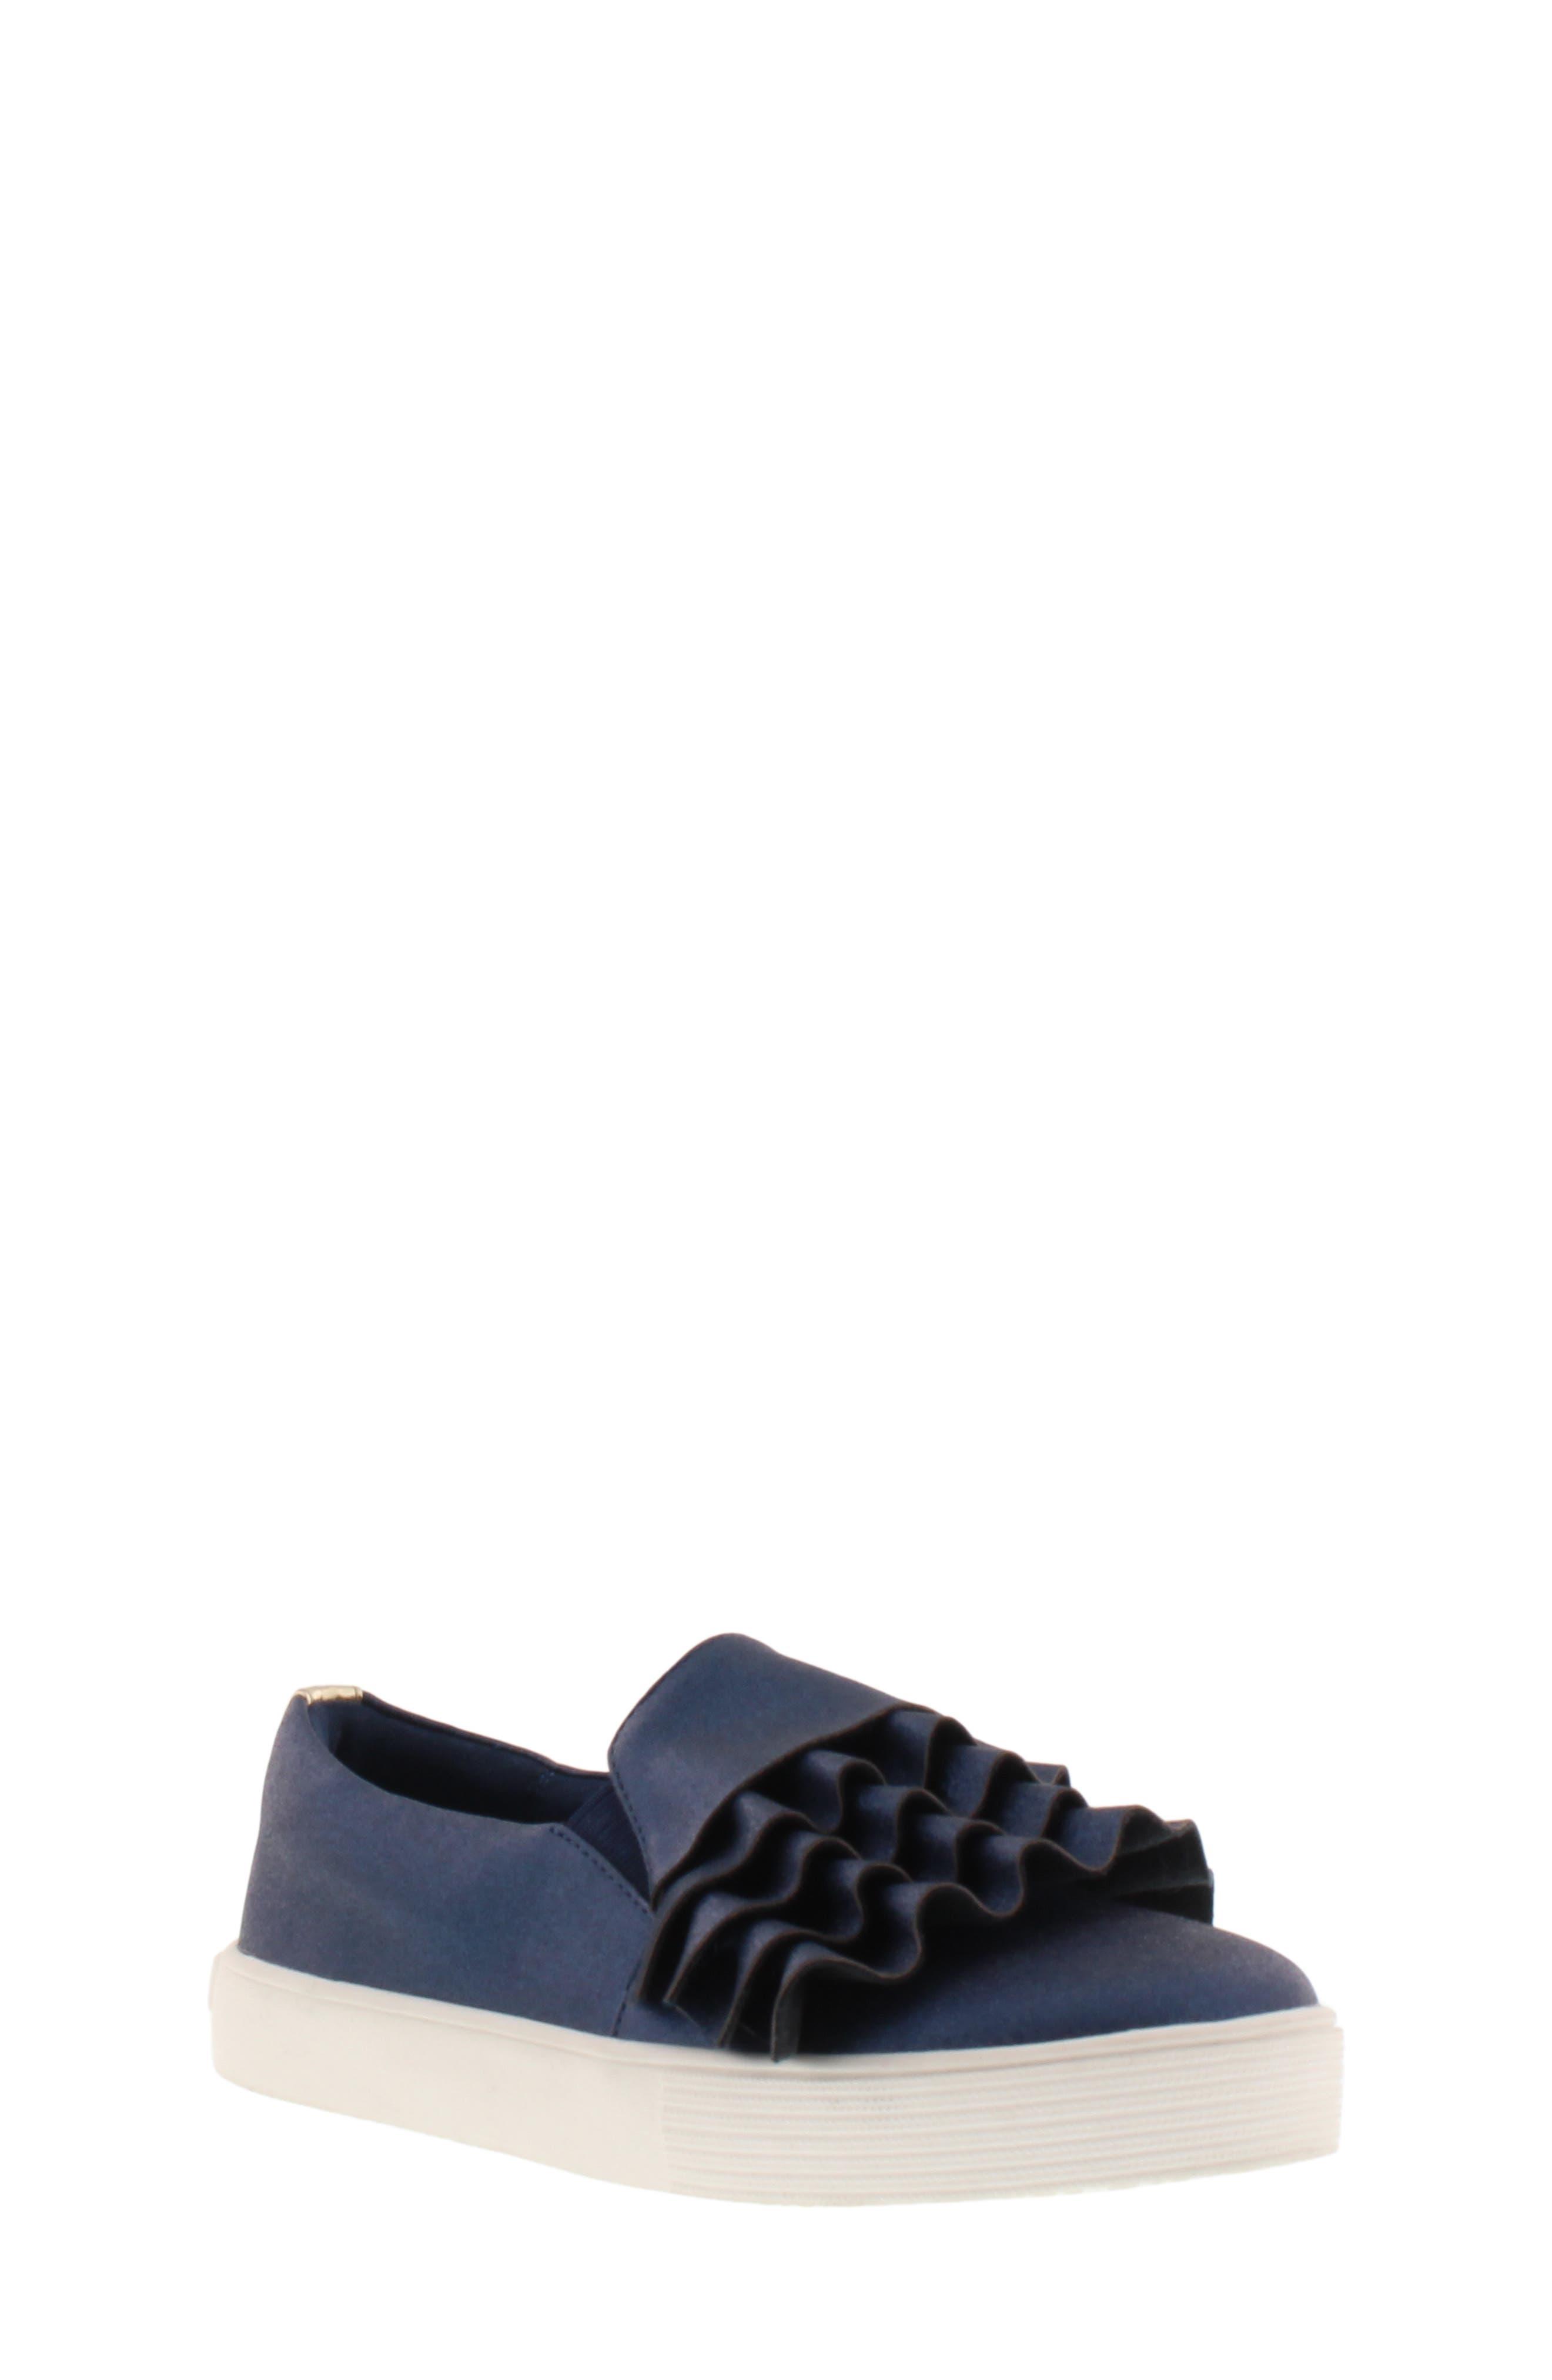 Shimmery Kam Ruffle Slip-On Sneaker,                             Main thumbnail 1, color,                             NAVY